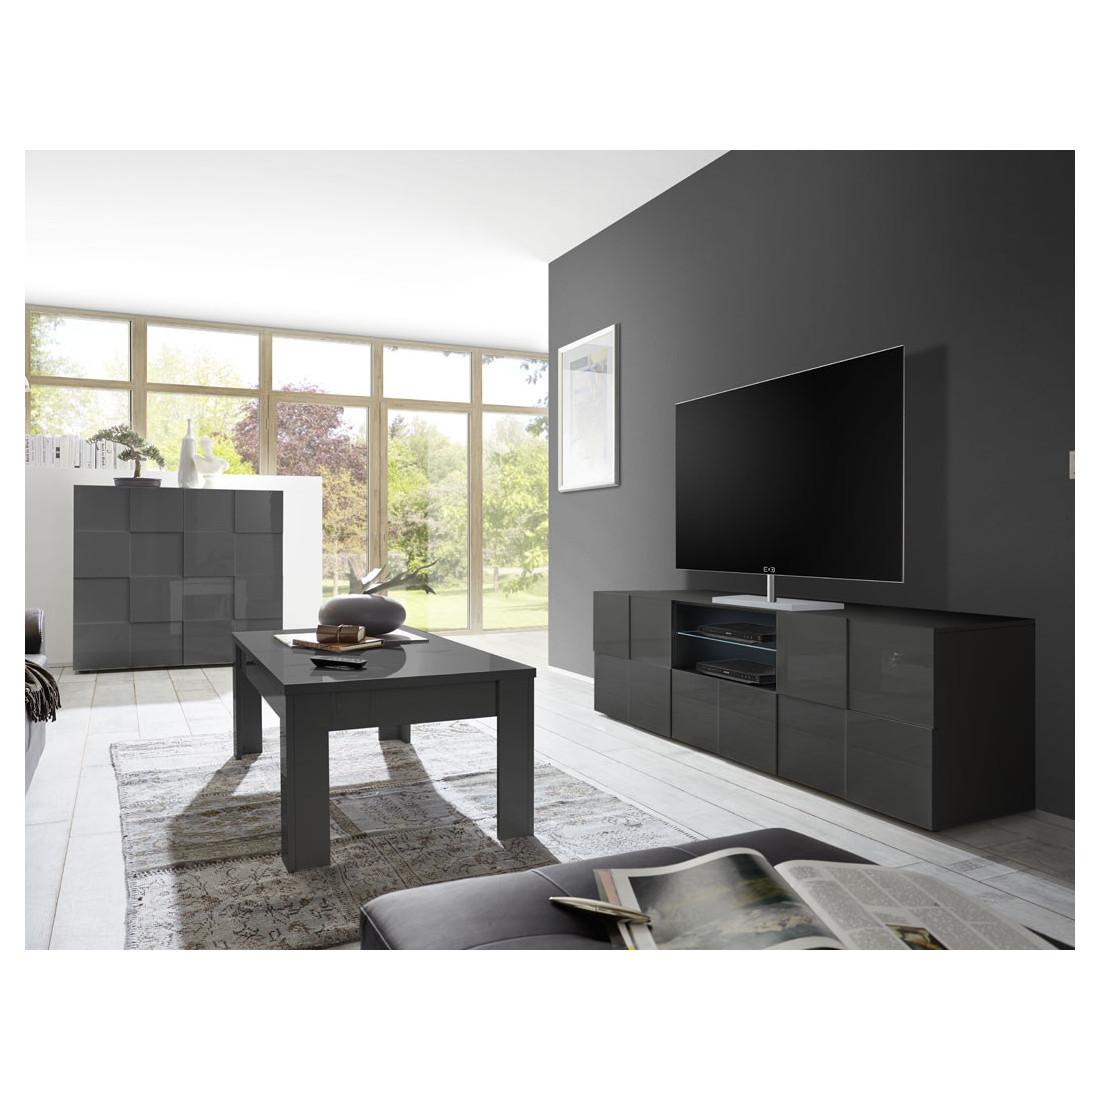 Meuble Tv 2 Portes 1 Tiroir Laque Gris Led S Ticato Salon